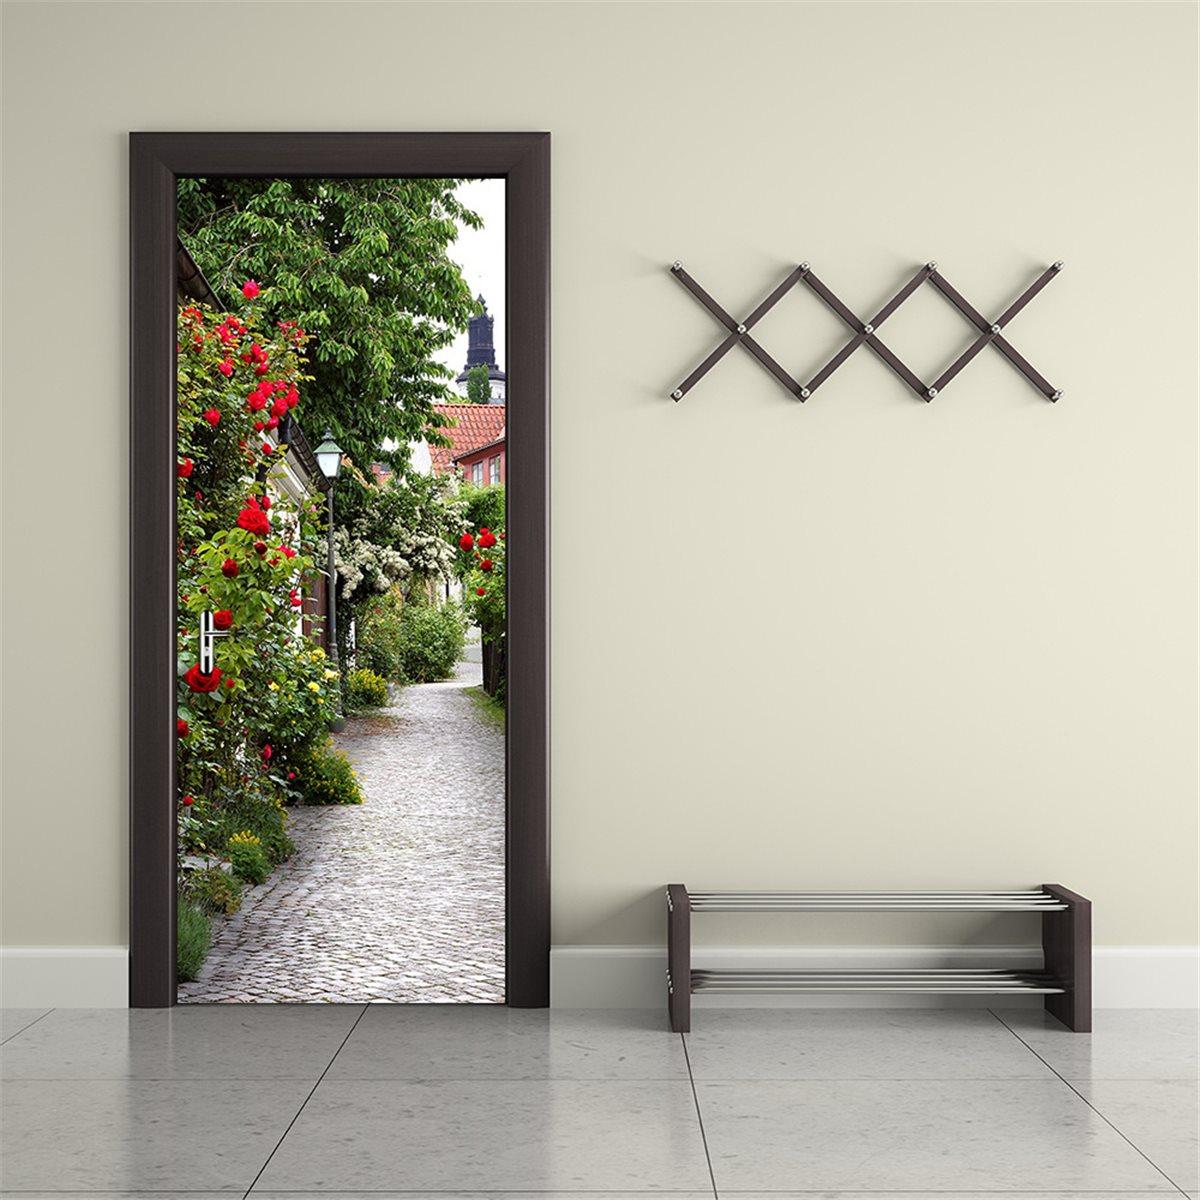 Bedroom door decoration promotion shop for promotional for Decoration porte sticker